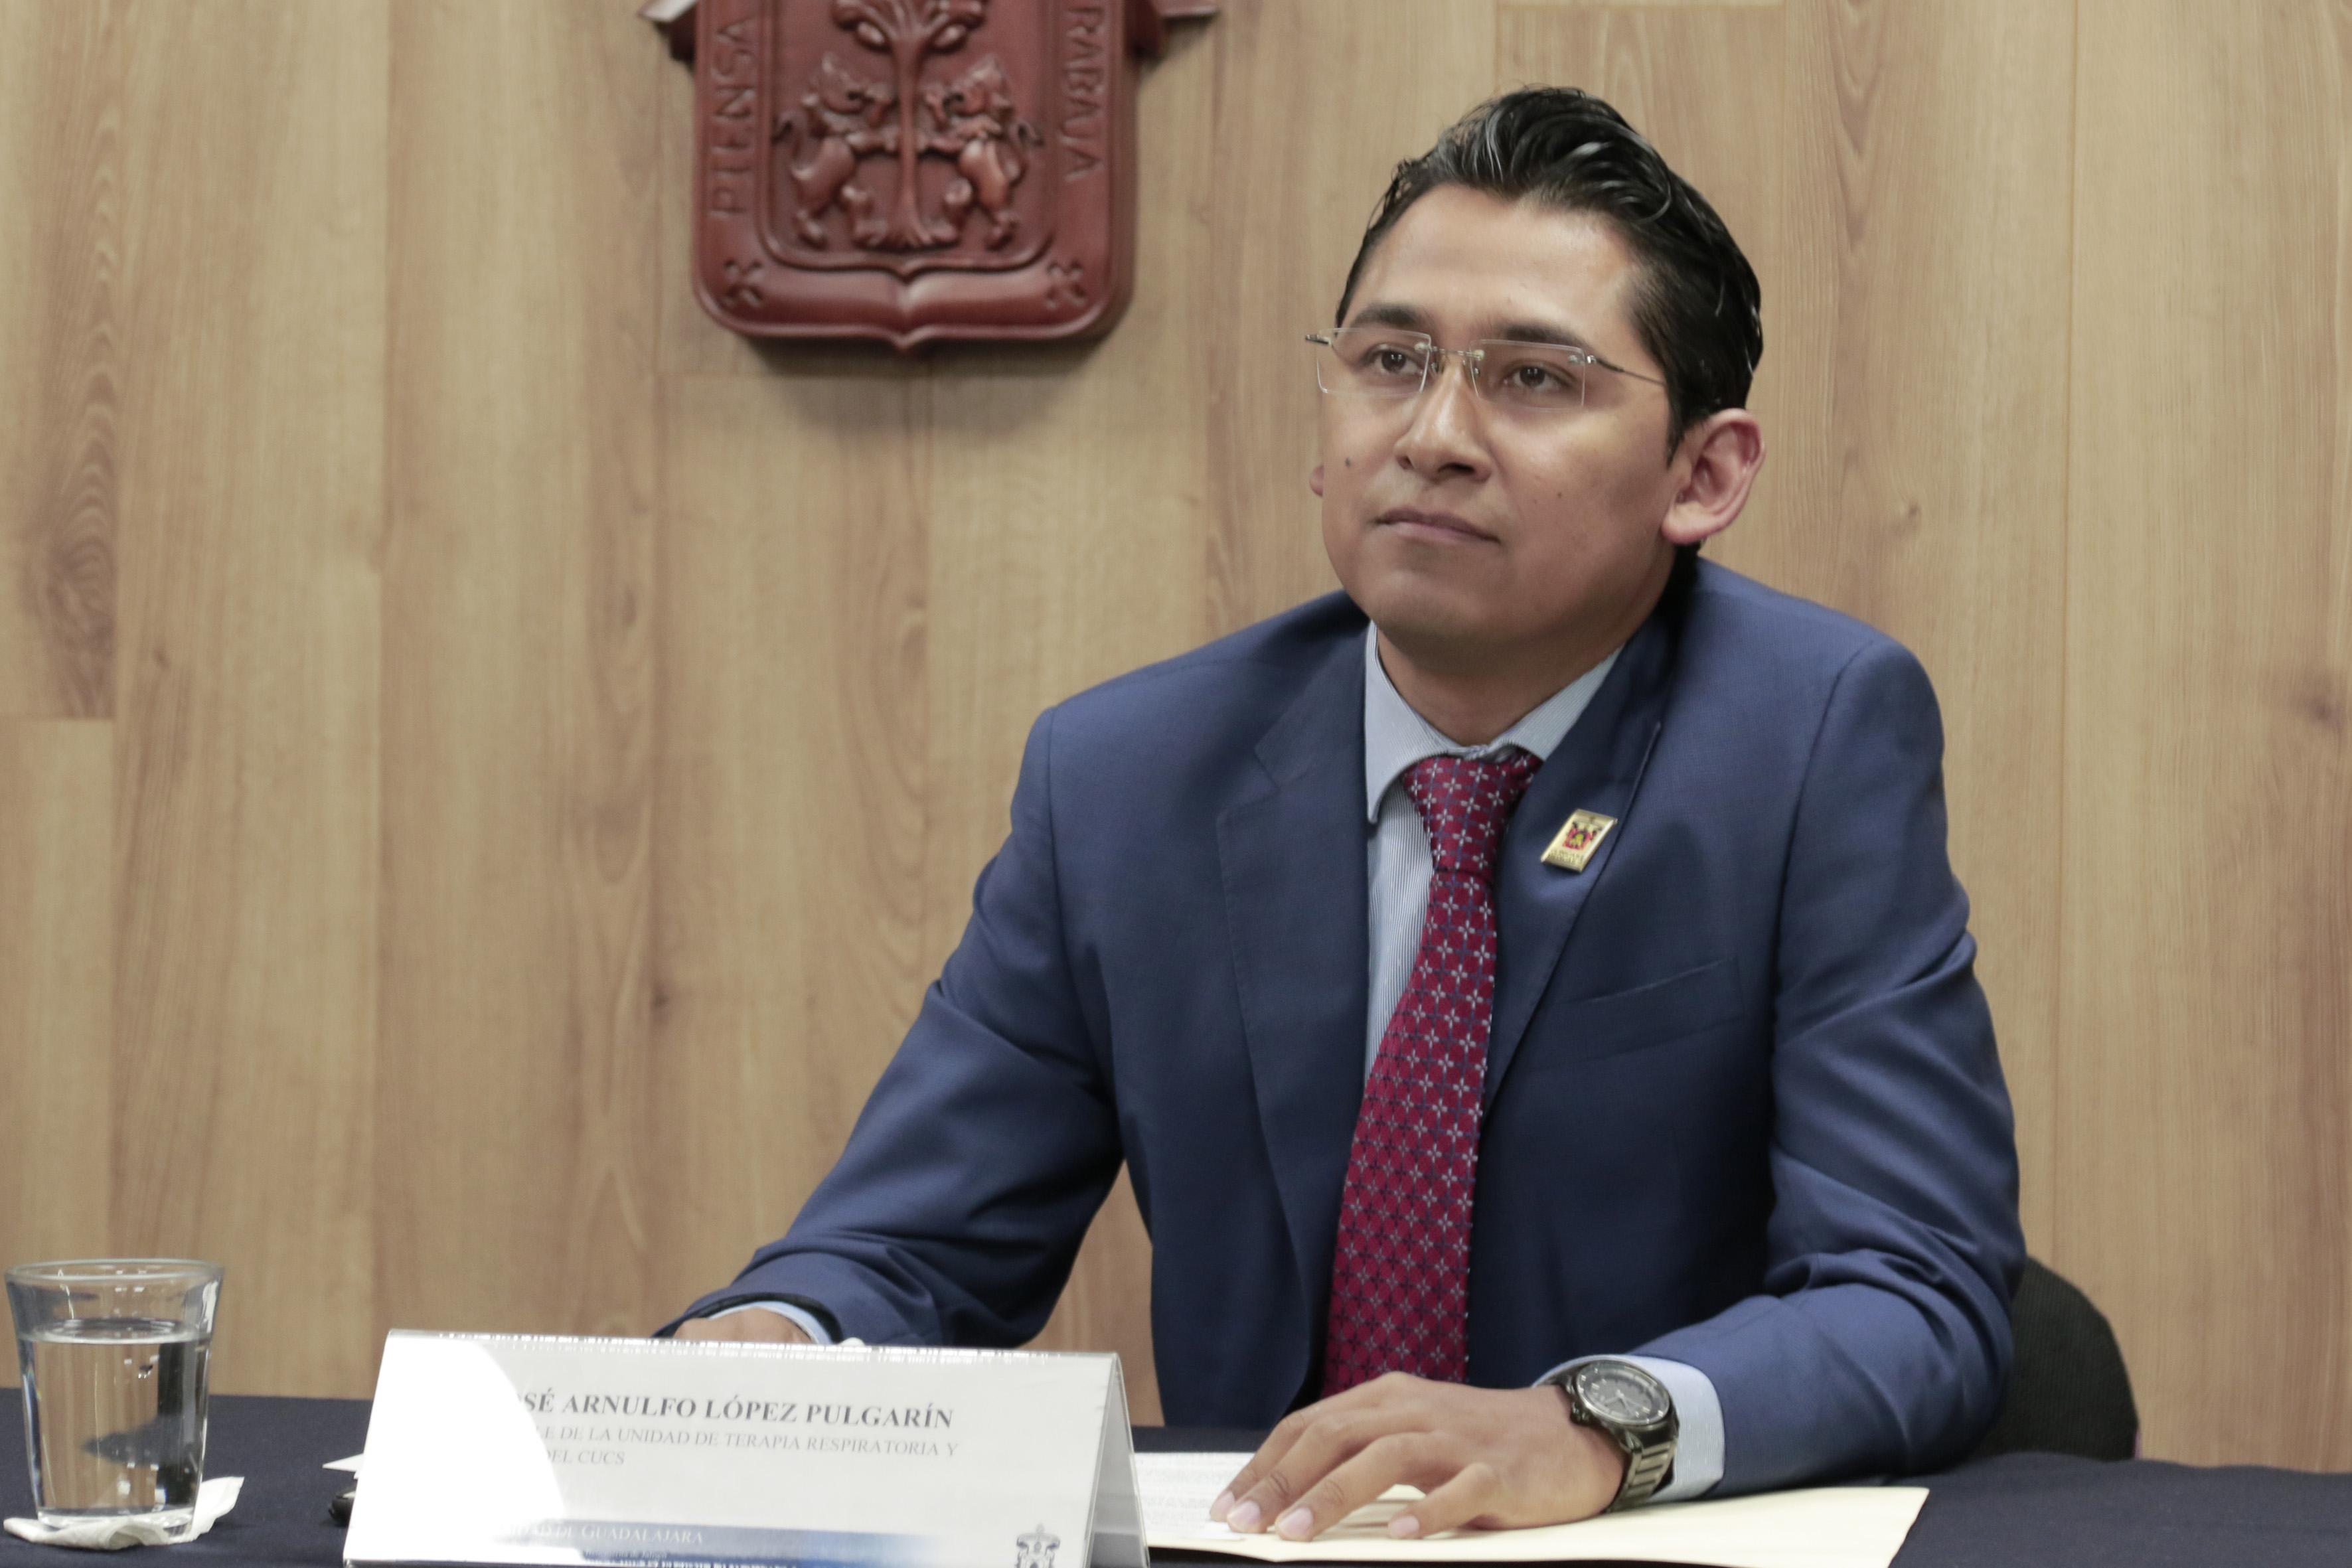 Dr. José Arnulfo López Pulgarín, responsable de la Unidad de Terapia Respiratoria del CUCS y académico del centro.